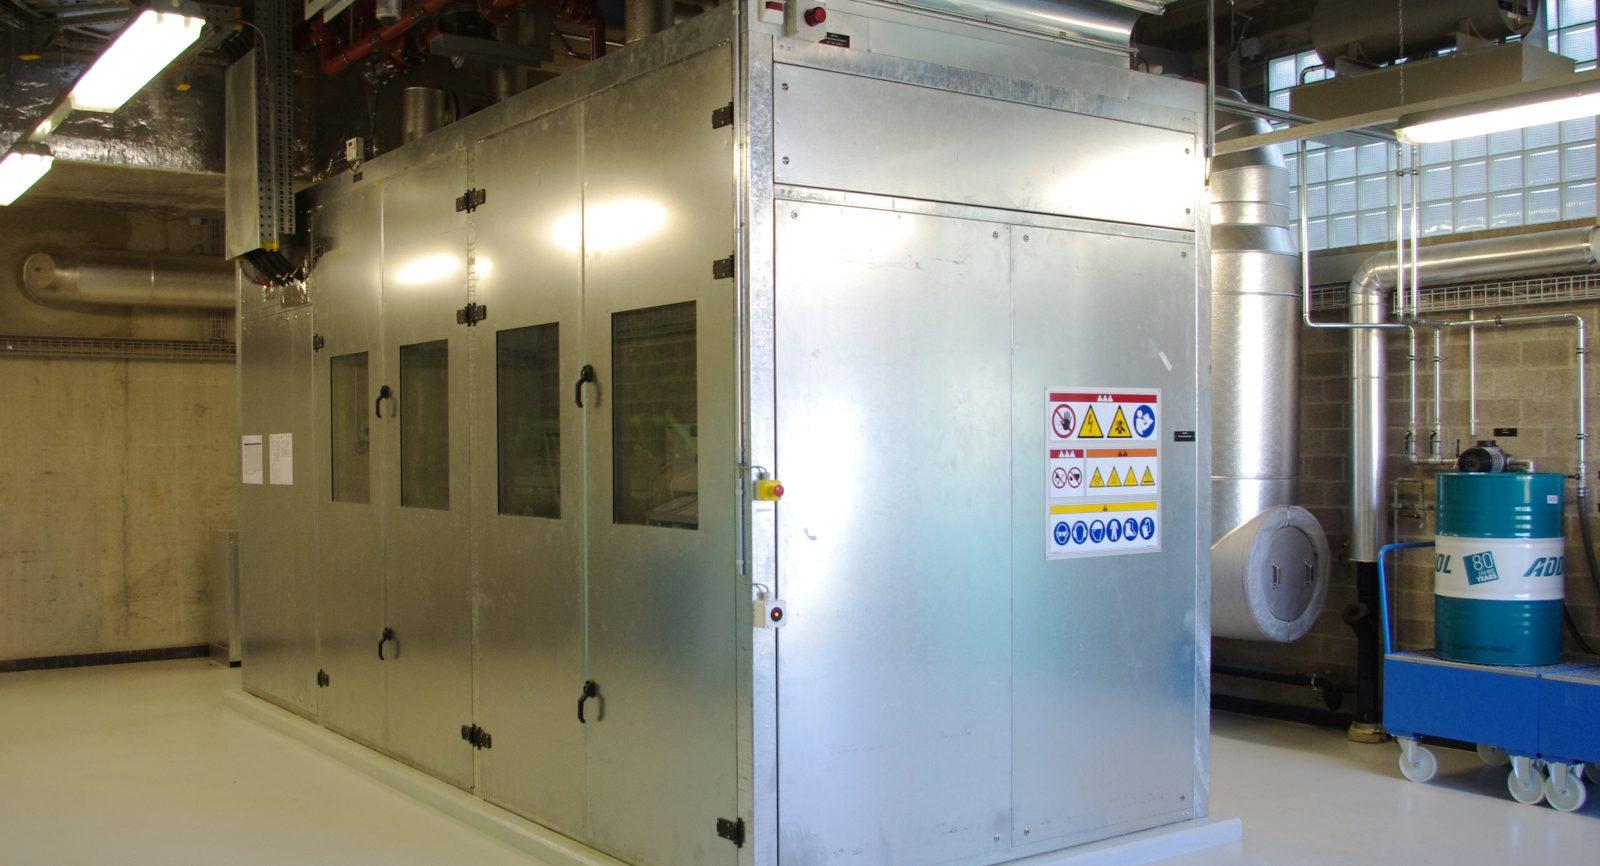 Das 12-Zylinder-BHKW bietet eine elektrische Leistung von 548 kW und ermöglicht einen hohen Eigenversor-gungsgrad der ARA.